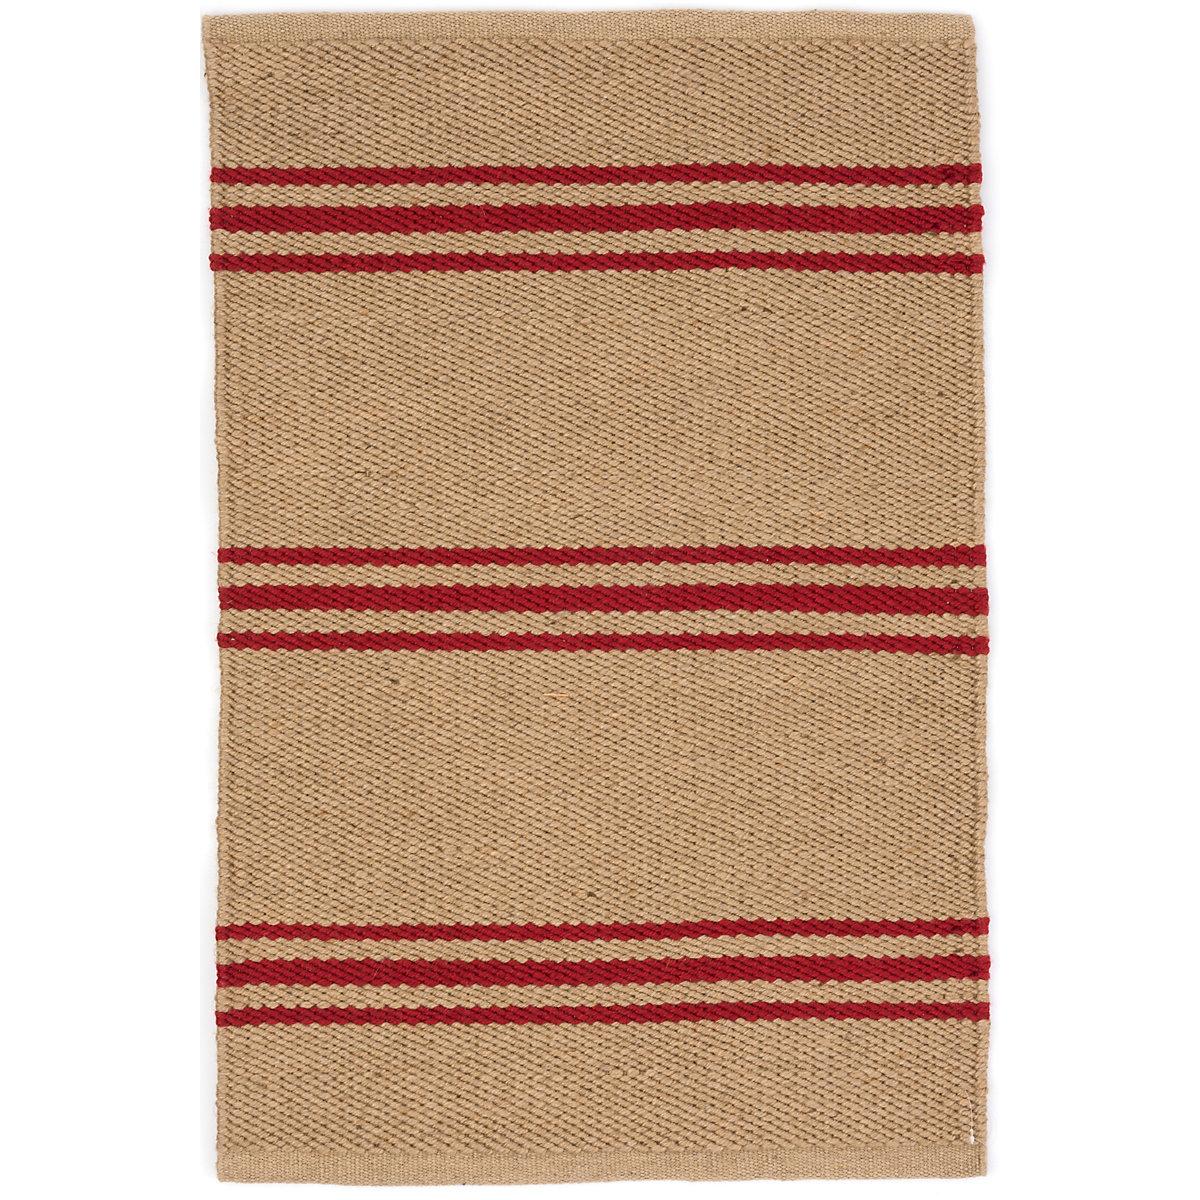 Red Rugs For Kitchen Lexington Red Camel Indoor Outdoor Rug Dash Albert